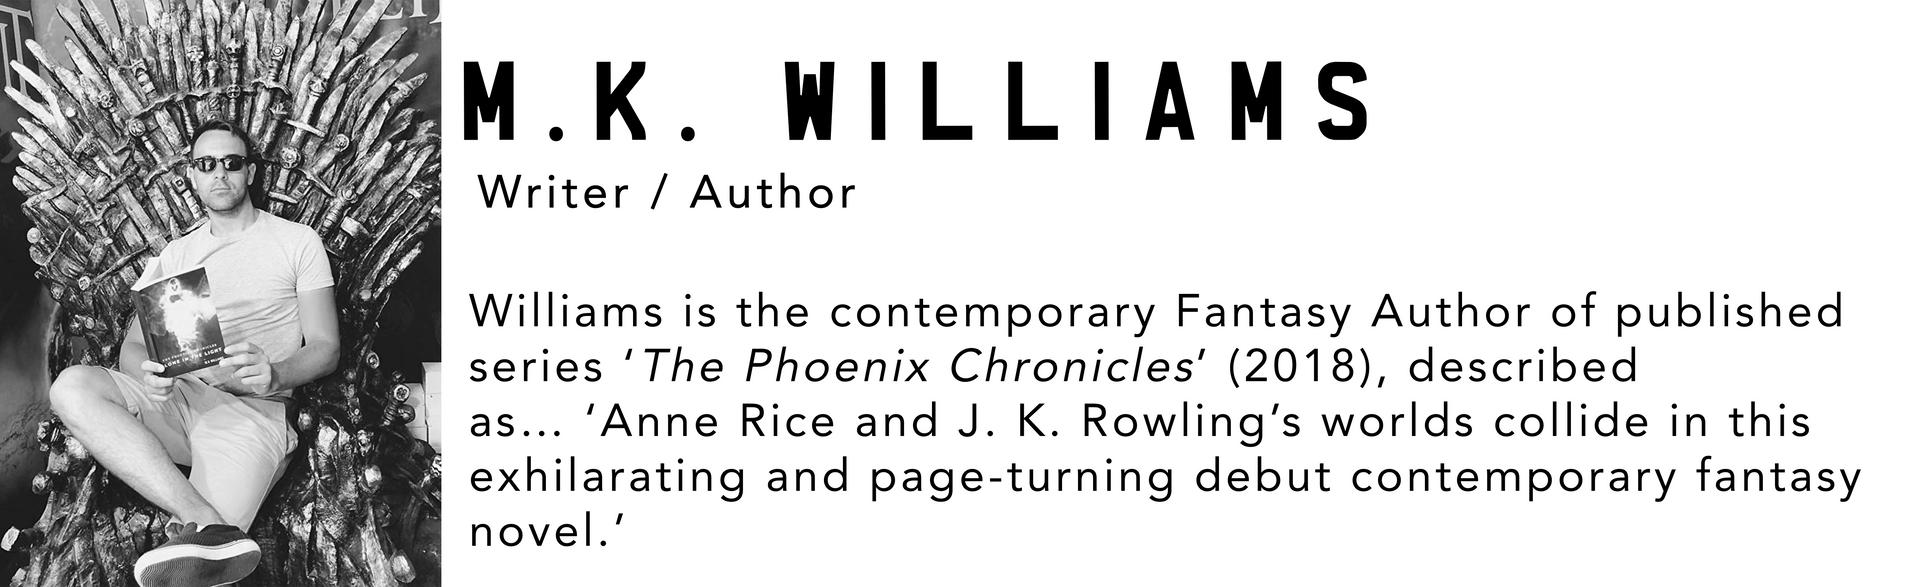 M.K Williams